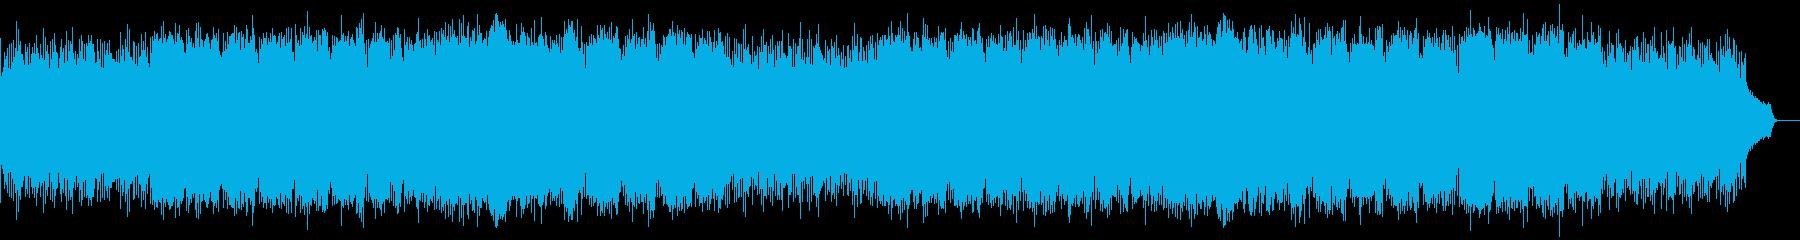 しっとりゆったり大人のロマンチックSAXの再生済みの波形